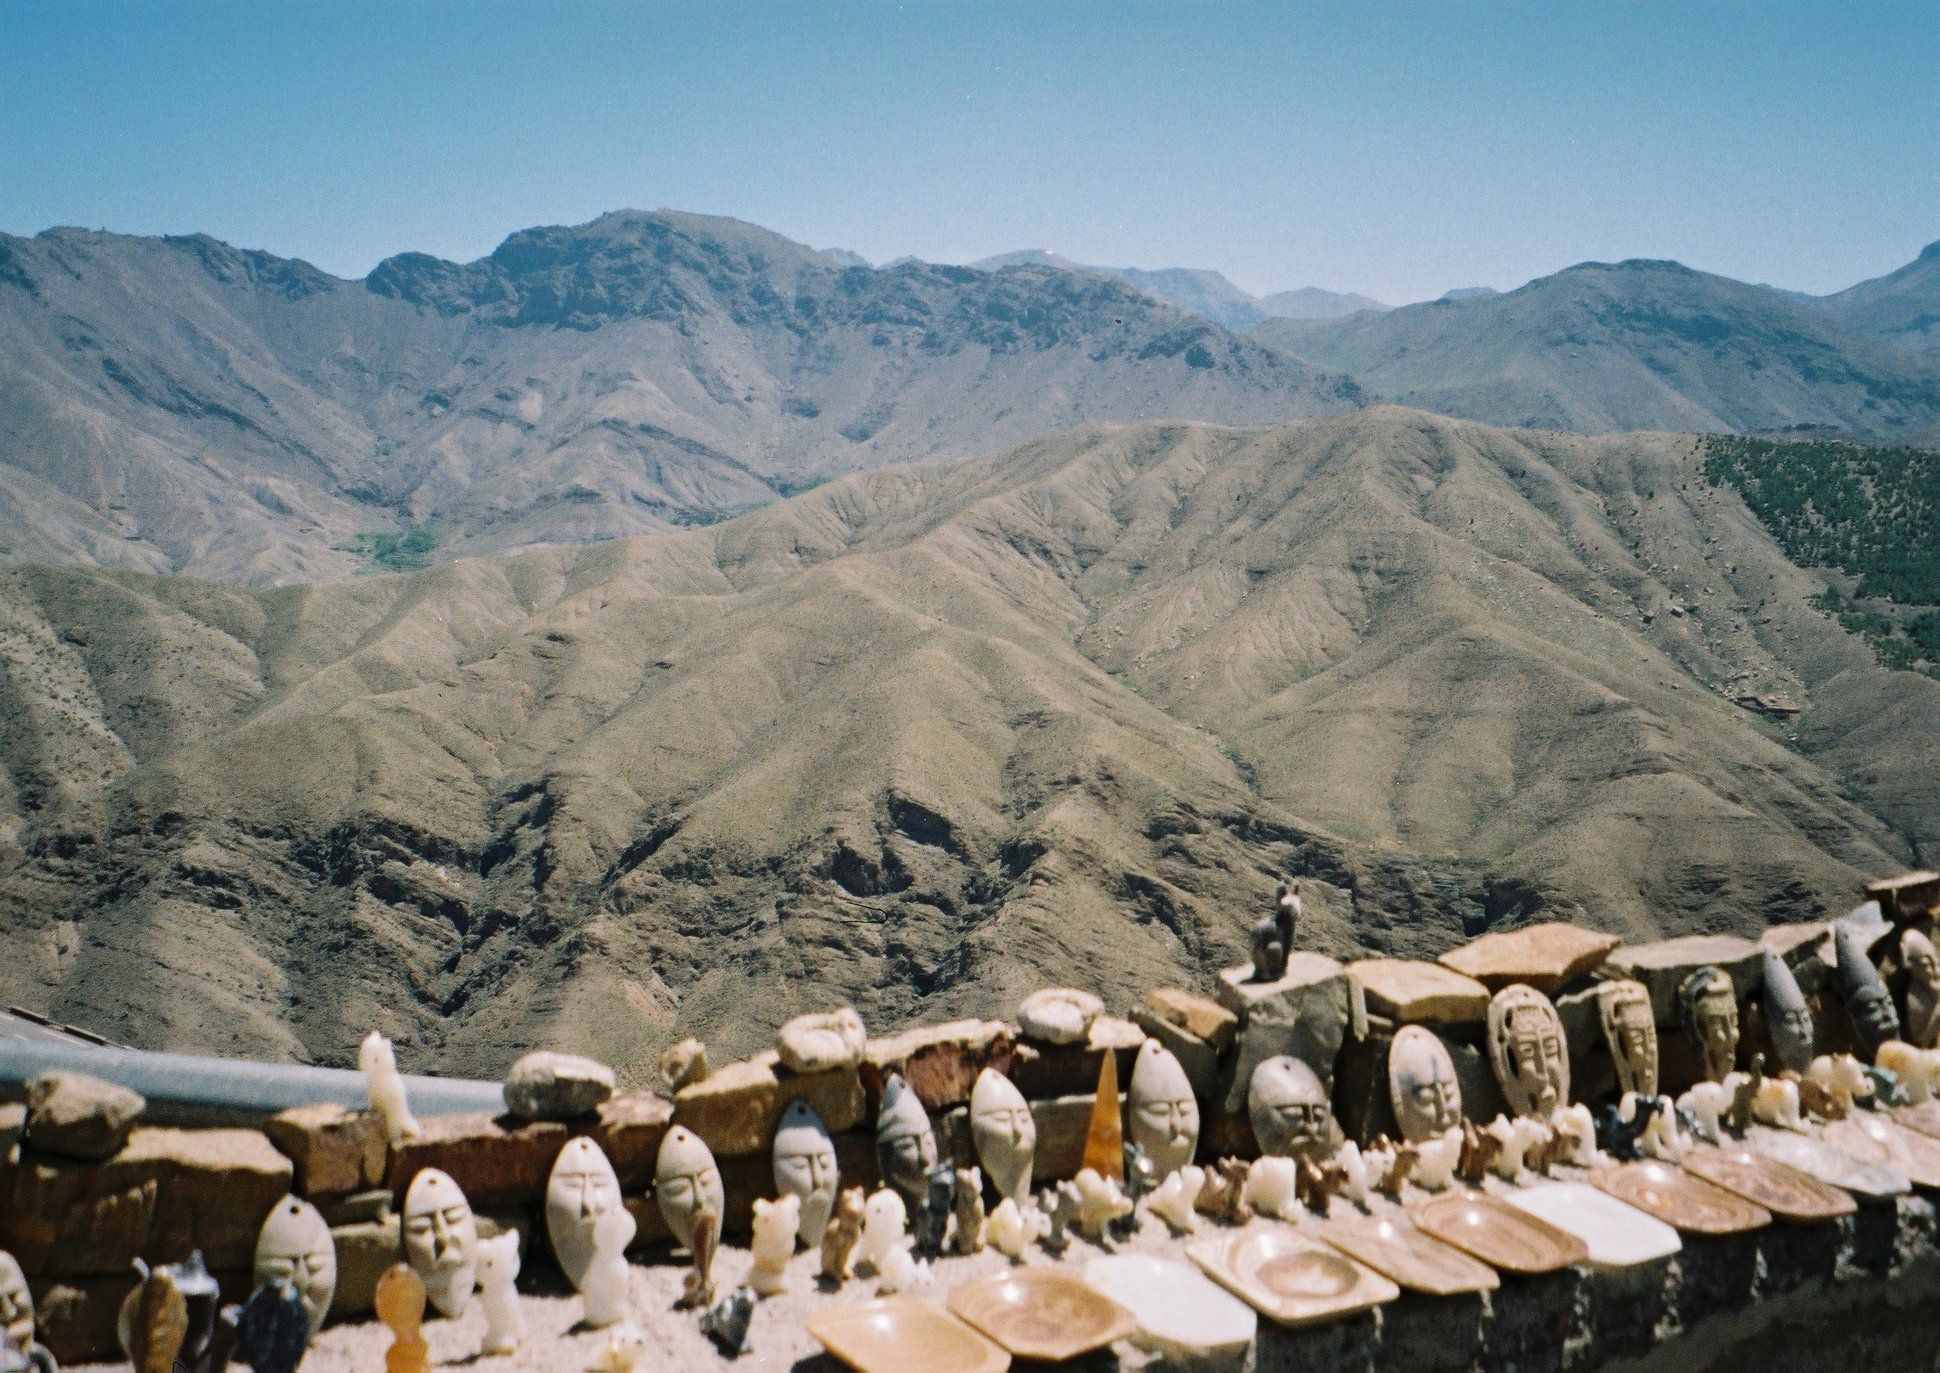 Марокко фото, Путешествие в Марокко, Эссуэйра в Марокко фото